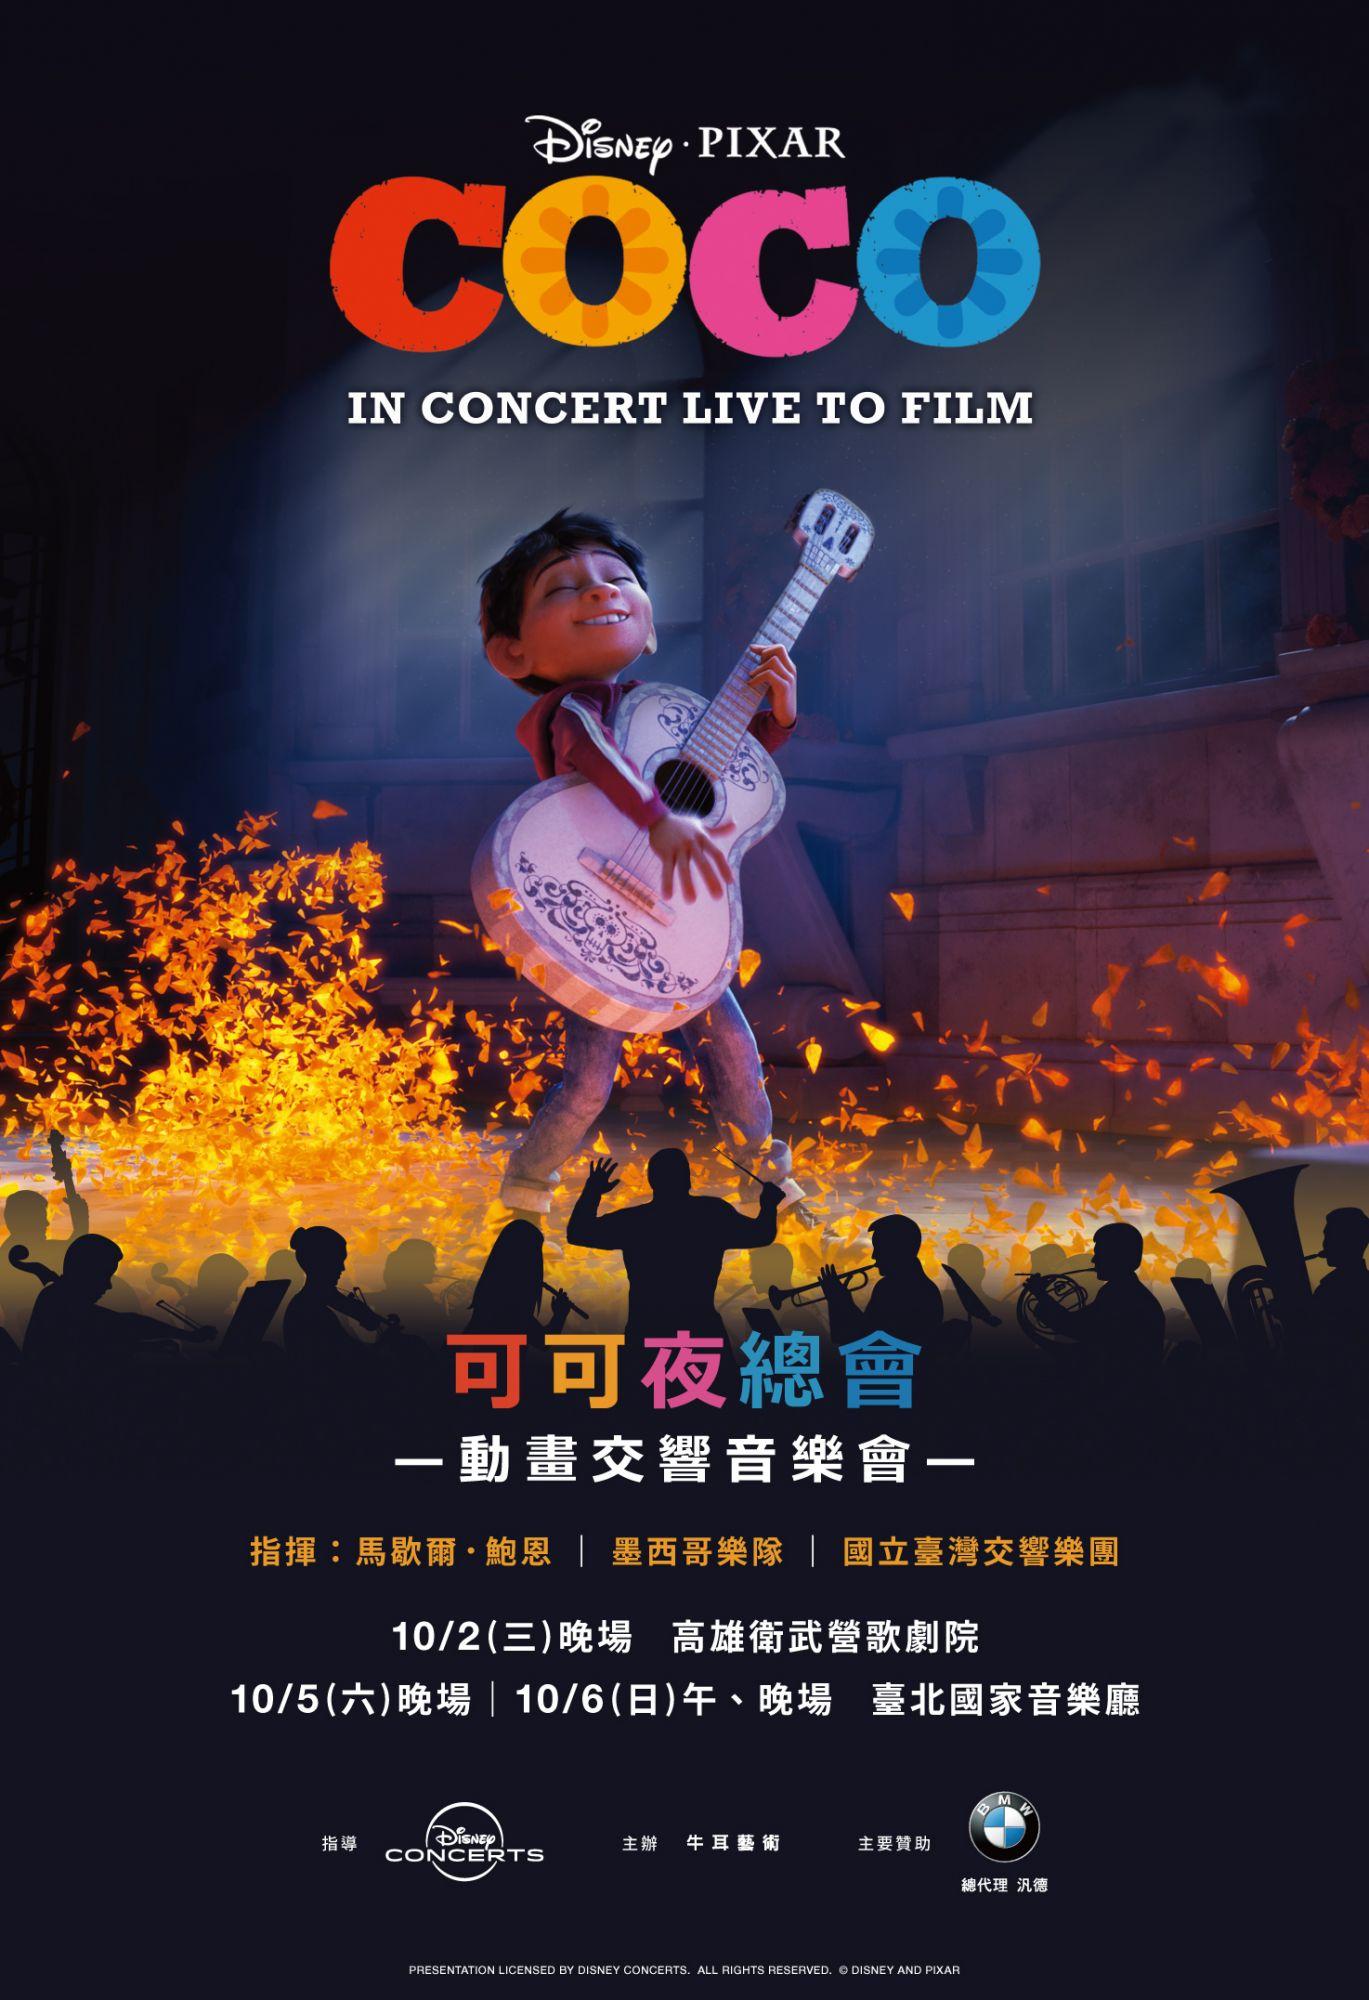 迪士尼《可可夜總會》動畫交響音樂會亞洲首演,天才男孩透過亡靈節追求音樂夢